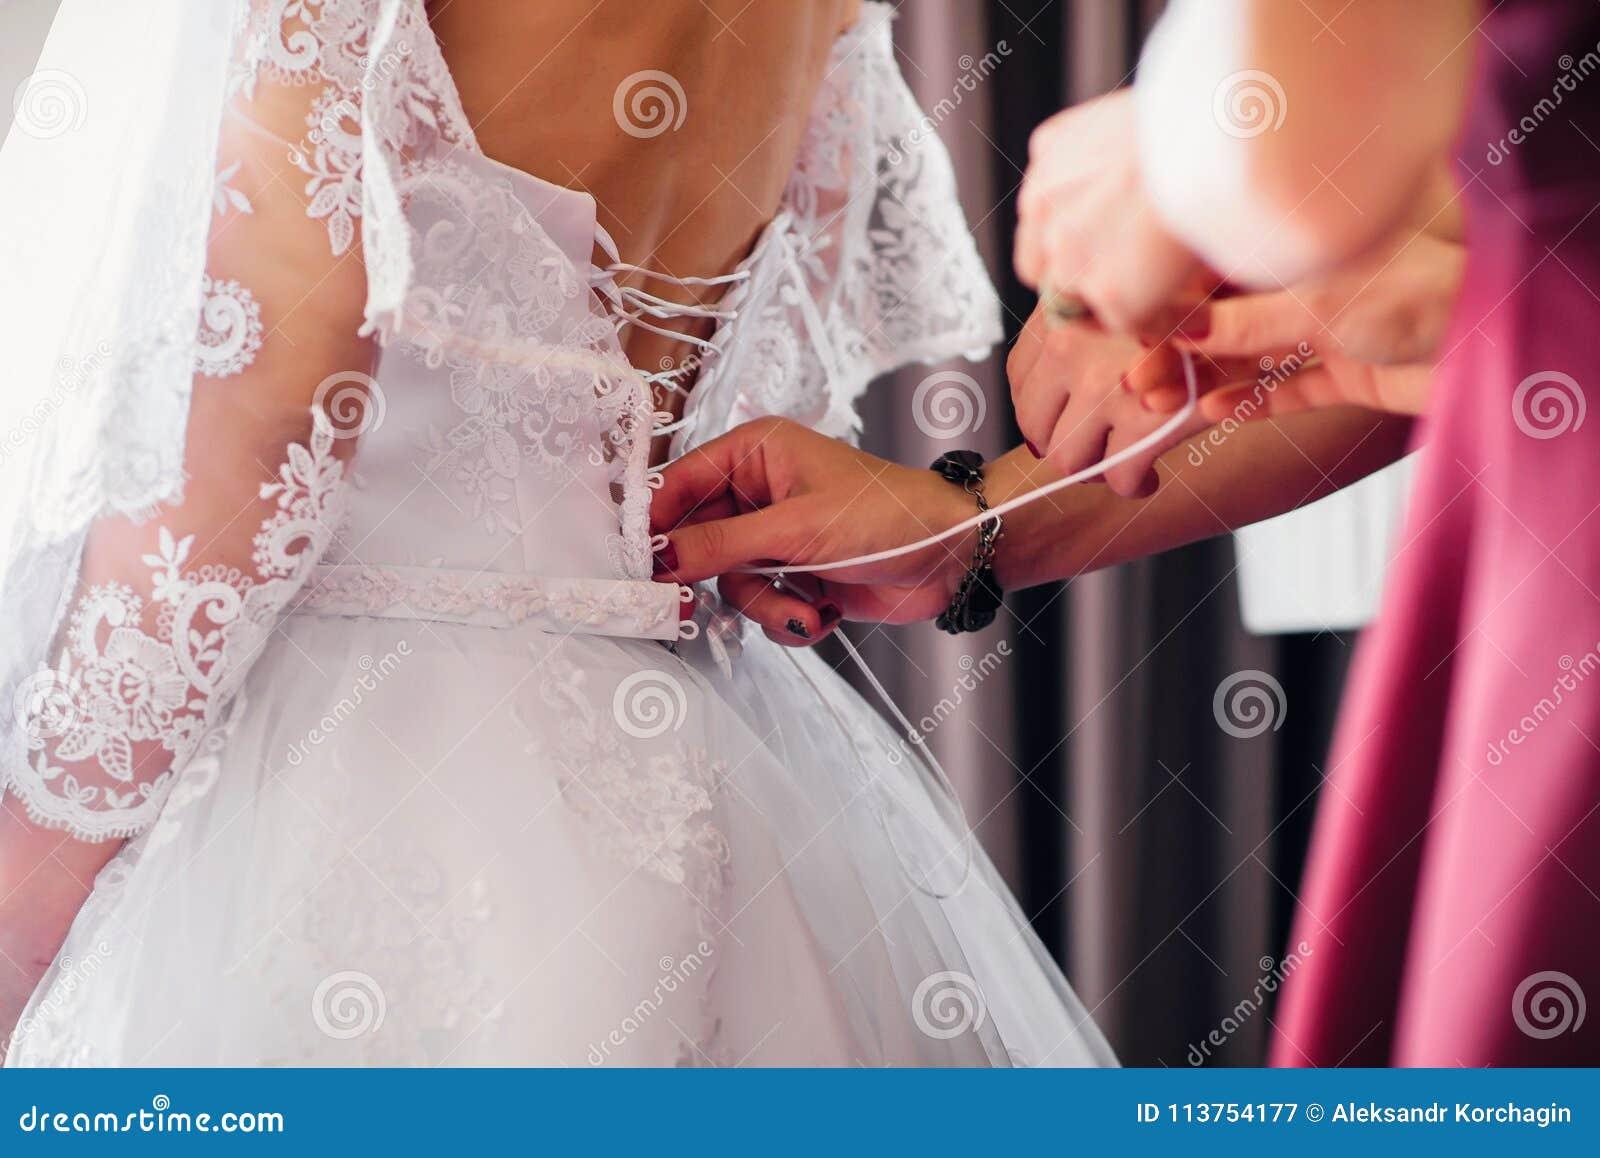 Charmant Schnüren Sich Oben Kleid Korsett Hochzeit Fotos ...